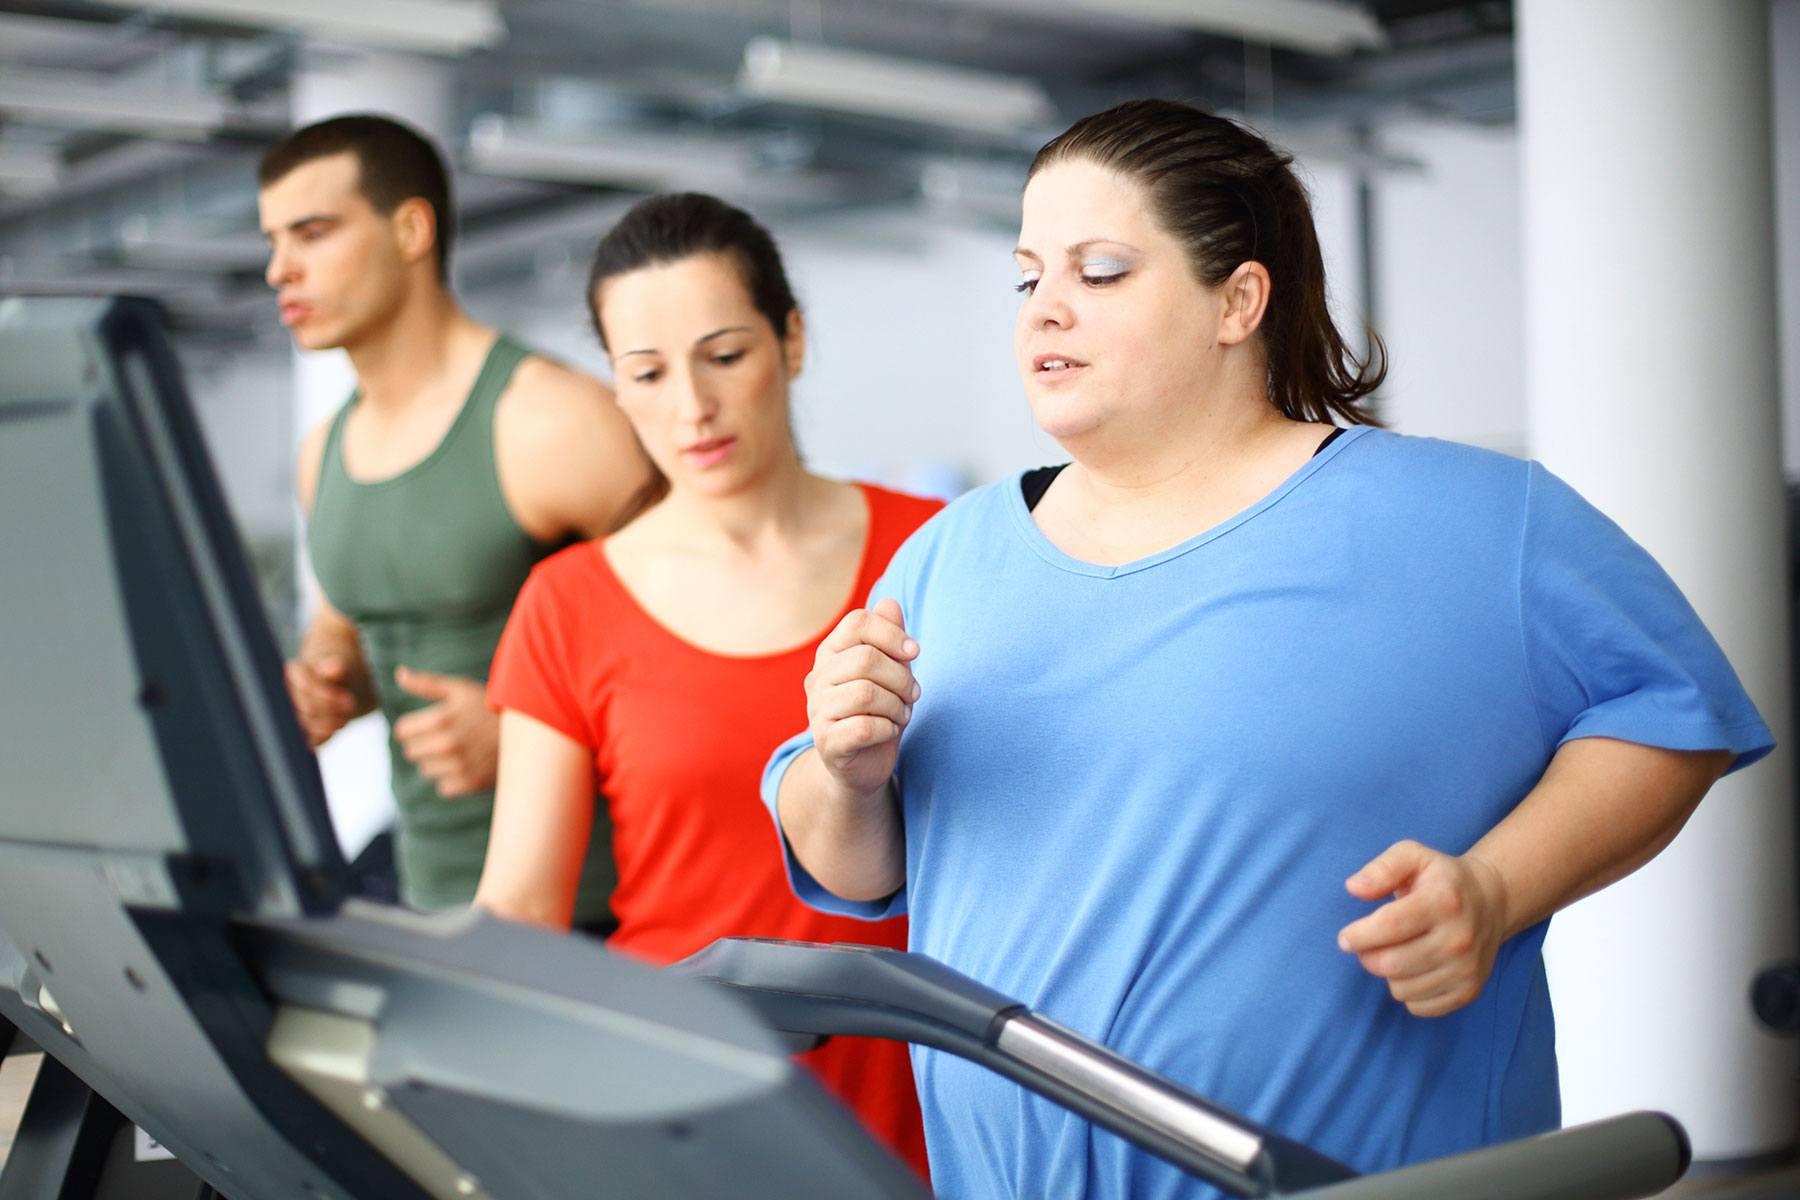 как похудеть в спортзале мужчине